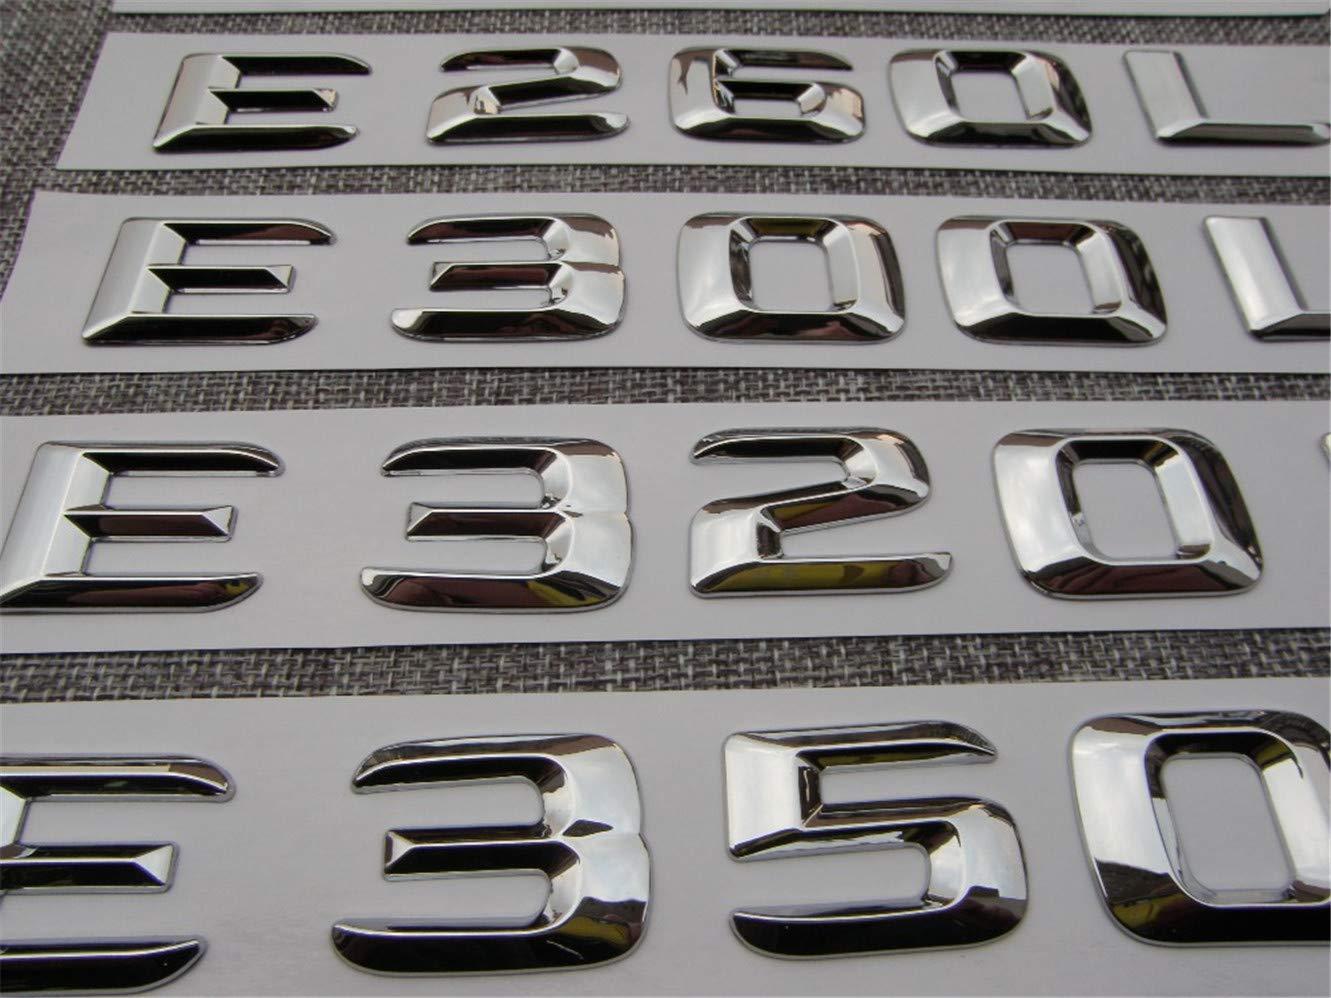 E43 E55 E63 AMG E200 E250 E300 E320 E350 E400 E180 4MATIC CDI Caf/é de Voz CXYYJGY Cromo Letras de Insignia